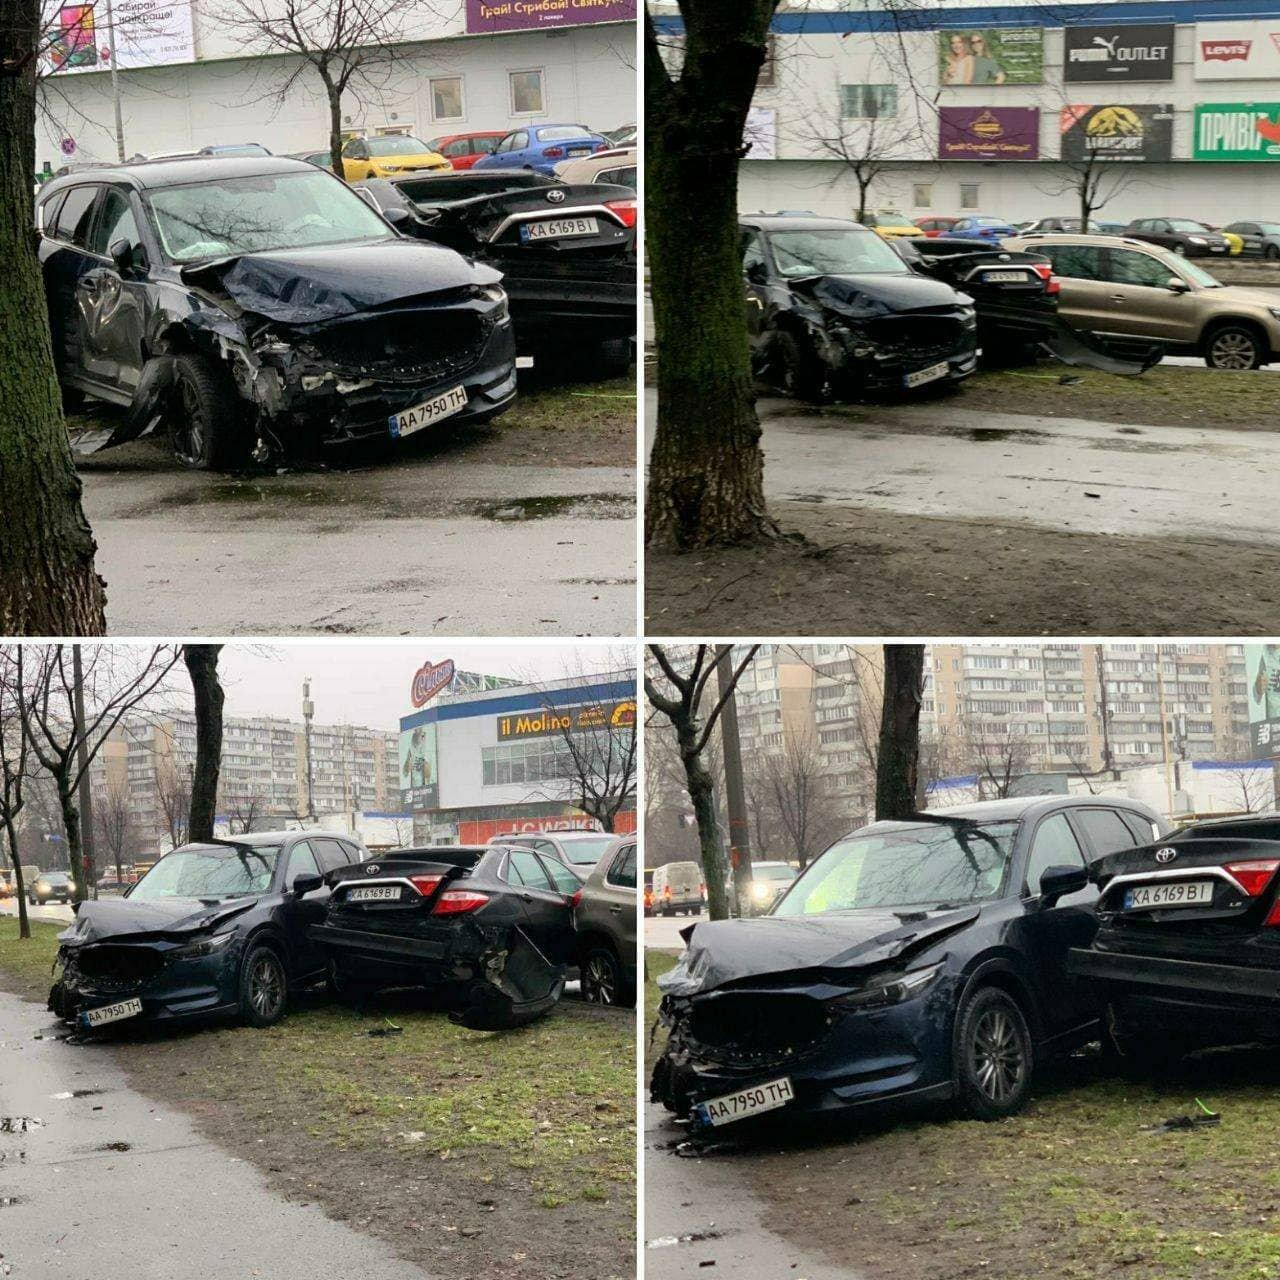 В Киеве серьезное ДТП: не разминулись две иномарки., Фото: Telegram-канал Киев сейчас